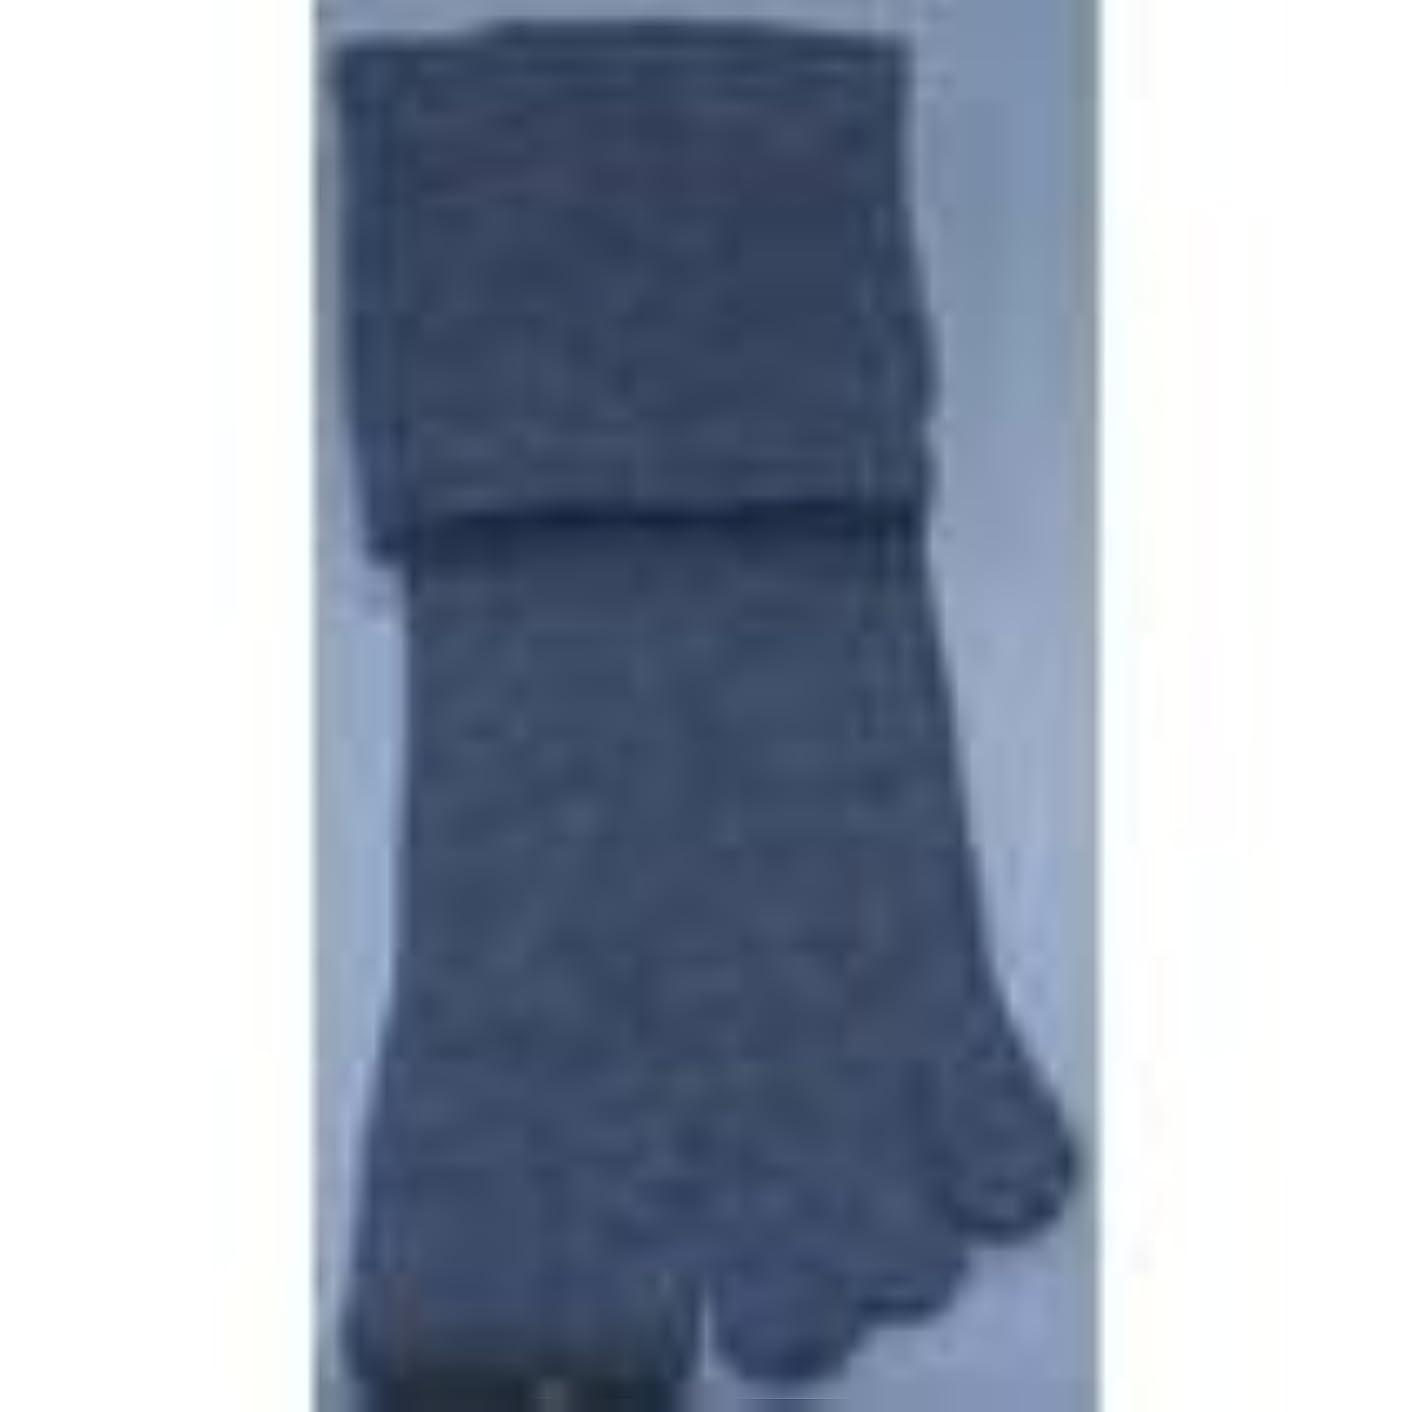 足裏安定5本指靴下(L(26-28cm), グレー)